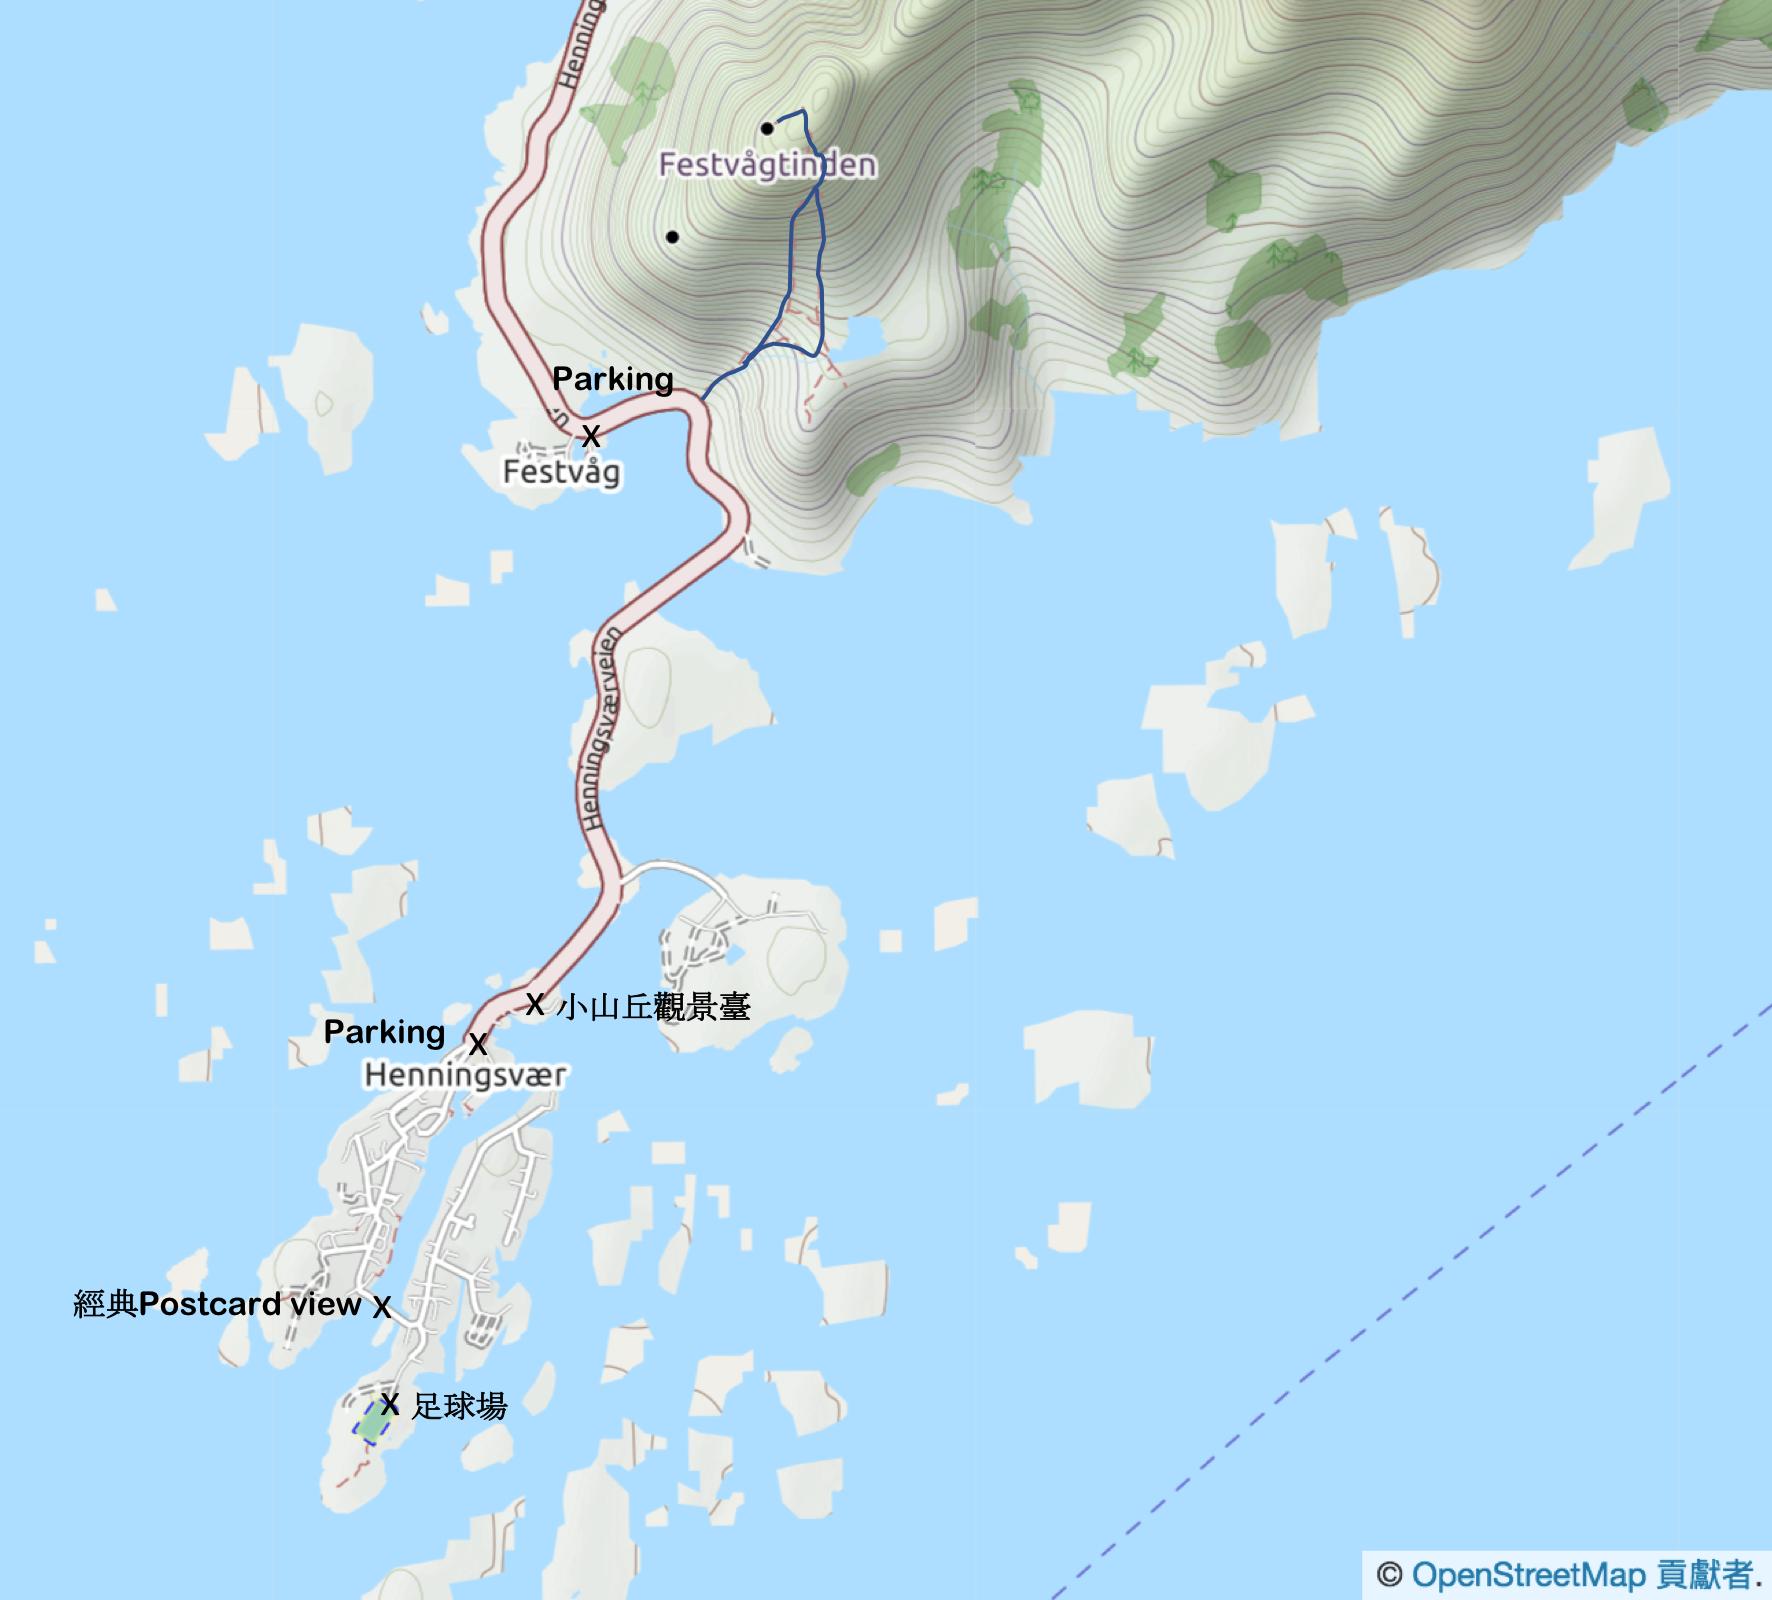 【羅弗敦群島】北極圈的威尼斯 - Henningsvær 2